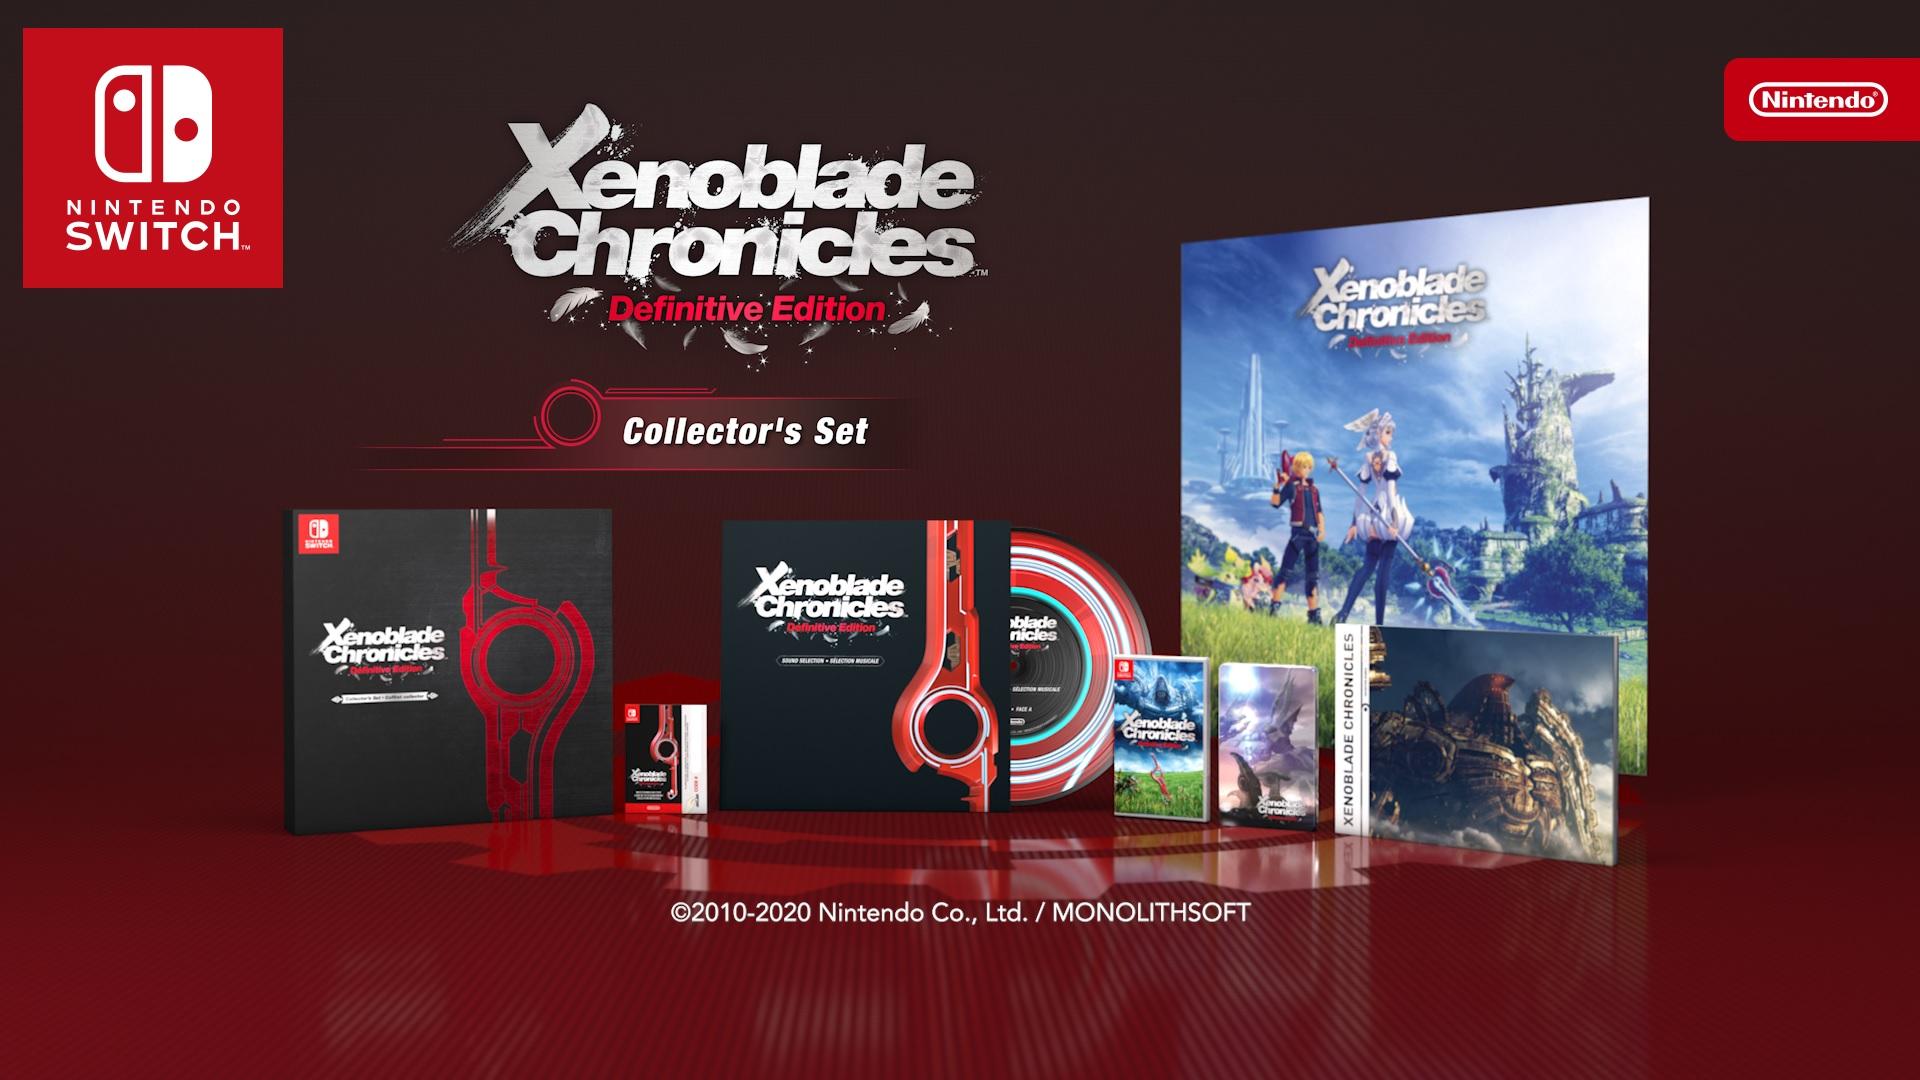 Xenoblade Chronicles Definitive Edition Collector's Set